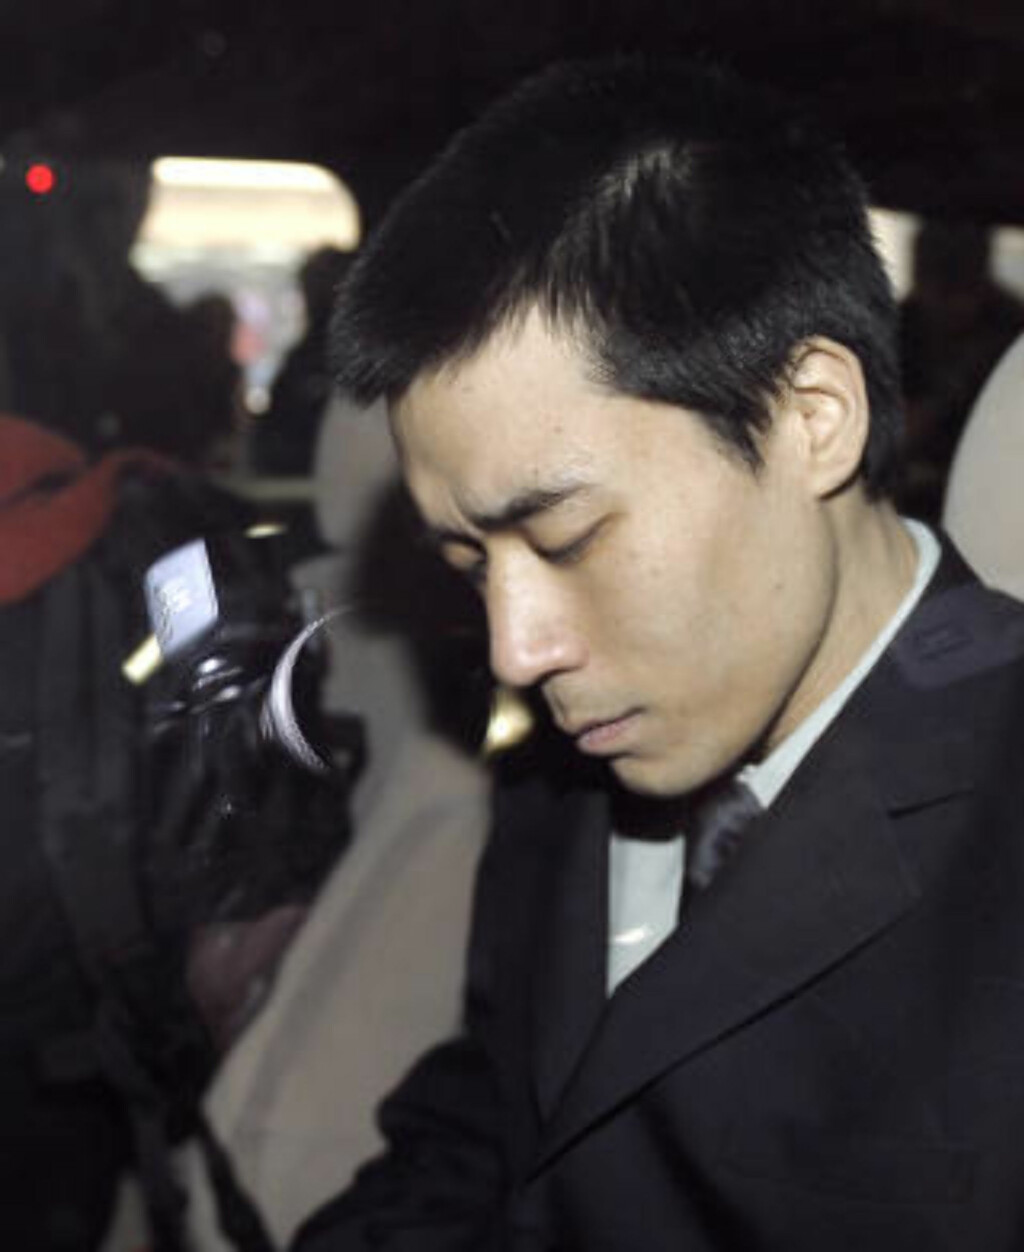 MISJONÆREN SATT FRI:  Den amerikanske misjonæren Robert Park ble løslatt fra fangenskap i Nord-Korea i februar i år. Bildet er fra 6. februar da han ankom flyplassen i Beijing i Kina. Foto: SCANPIX/AP Photo/Andy Wong